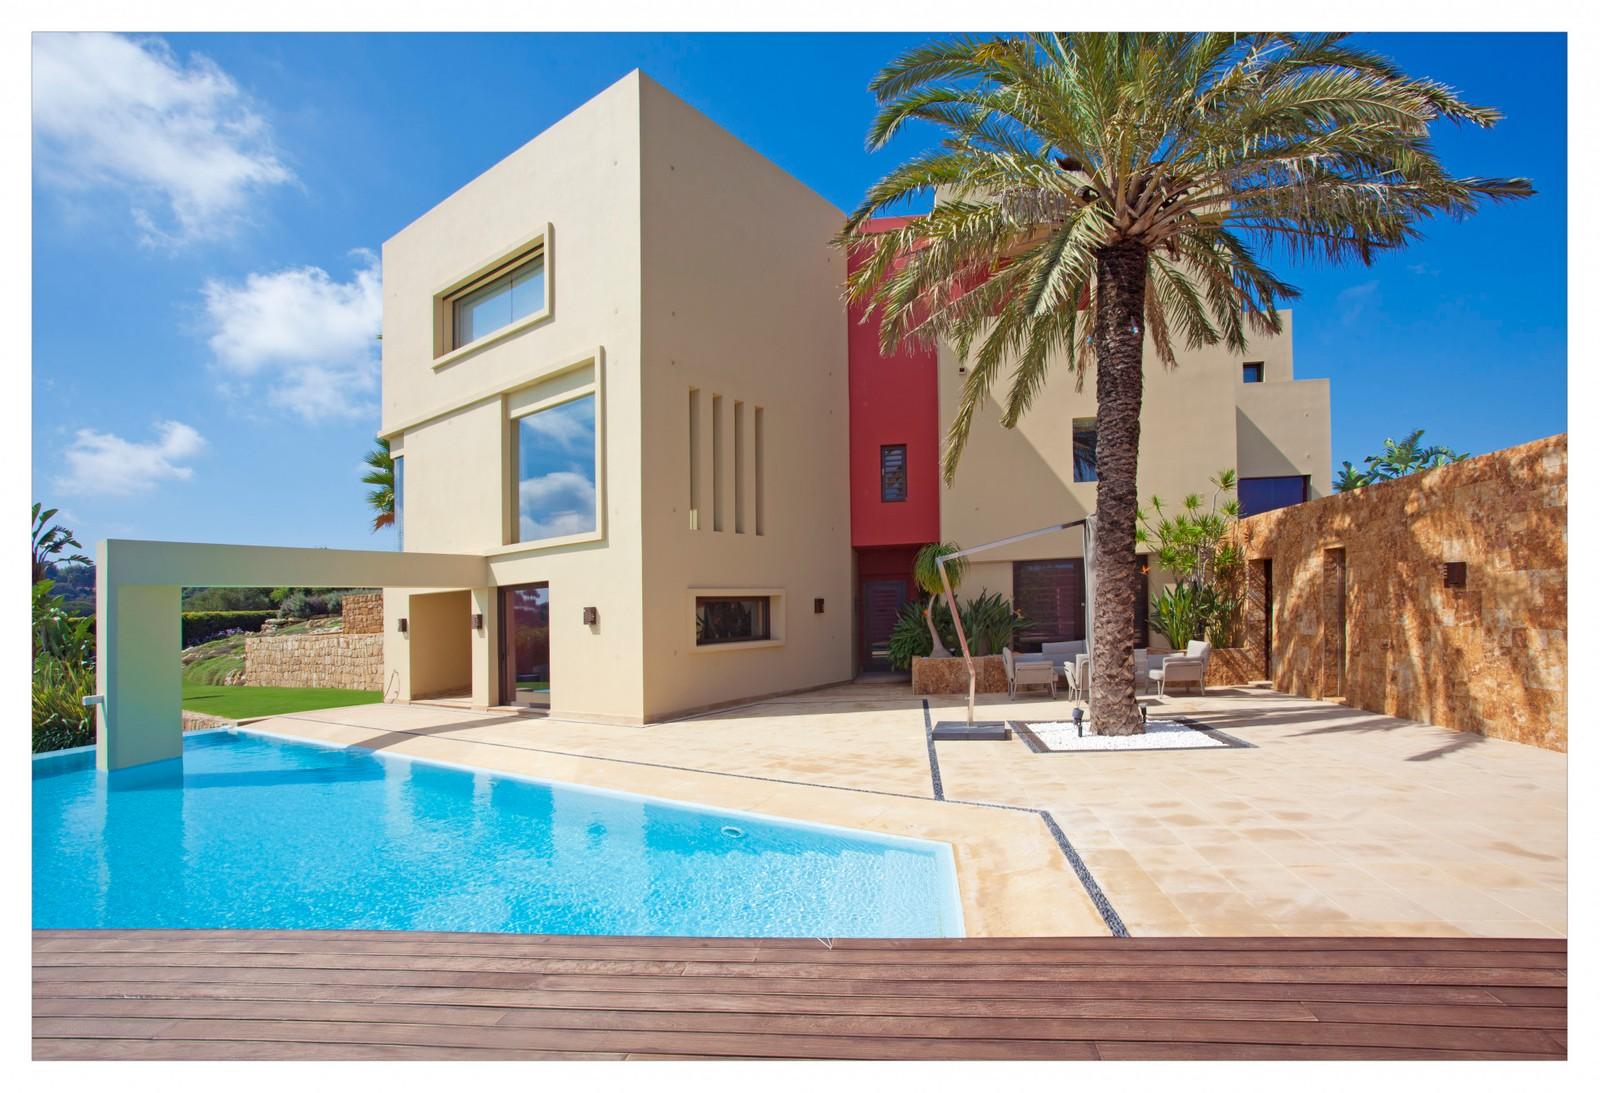 Single Family Home for Sale at Sotogrande,Spain Sotogrande, Cadiz,11310 Spain